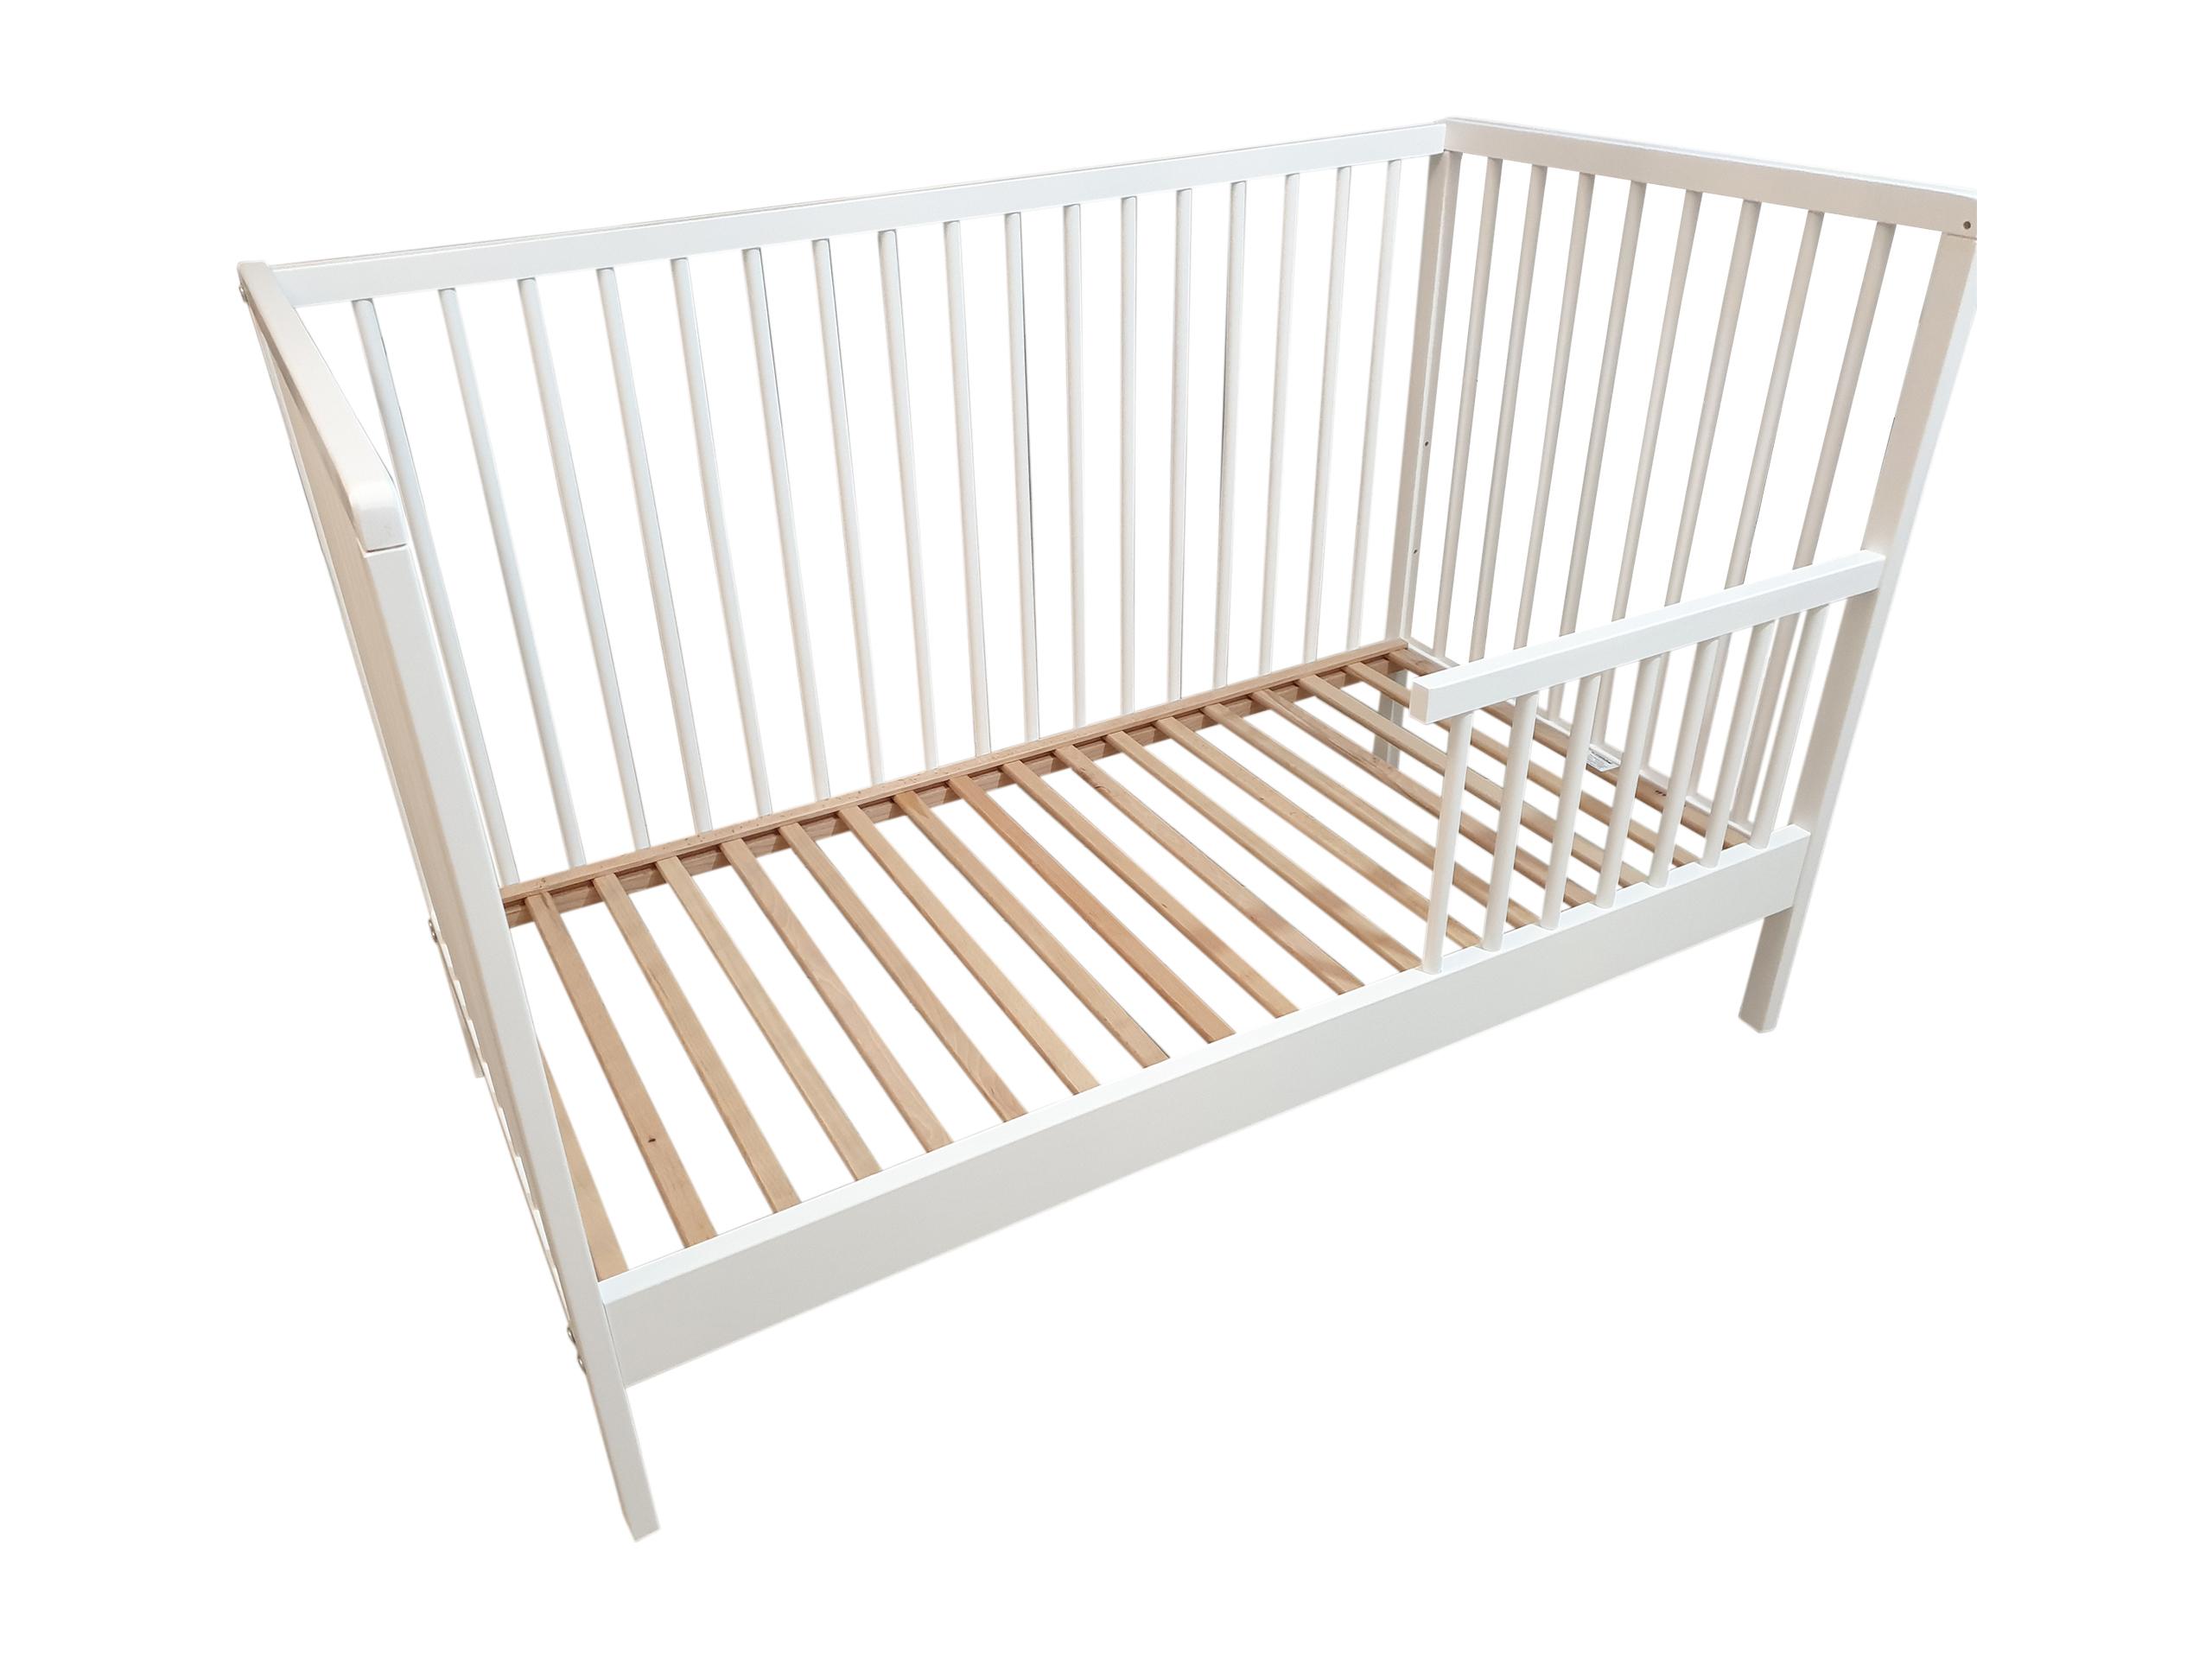 Zabezpieczenie dla dzieci na łóżko